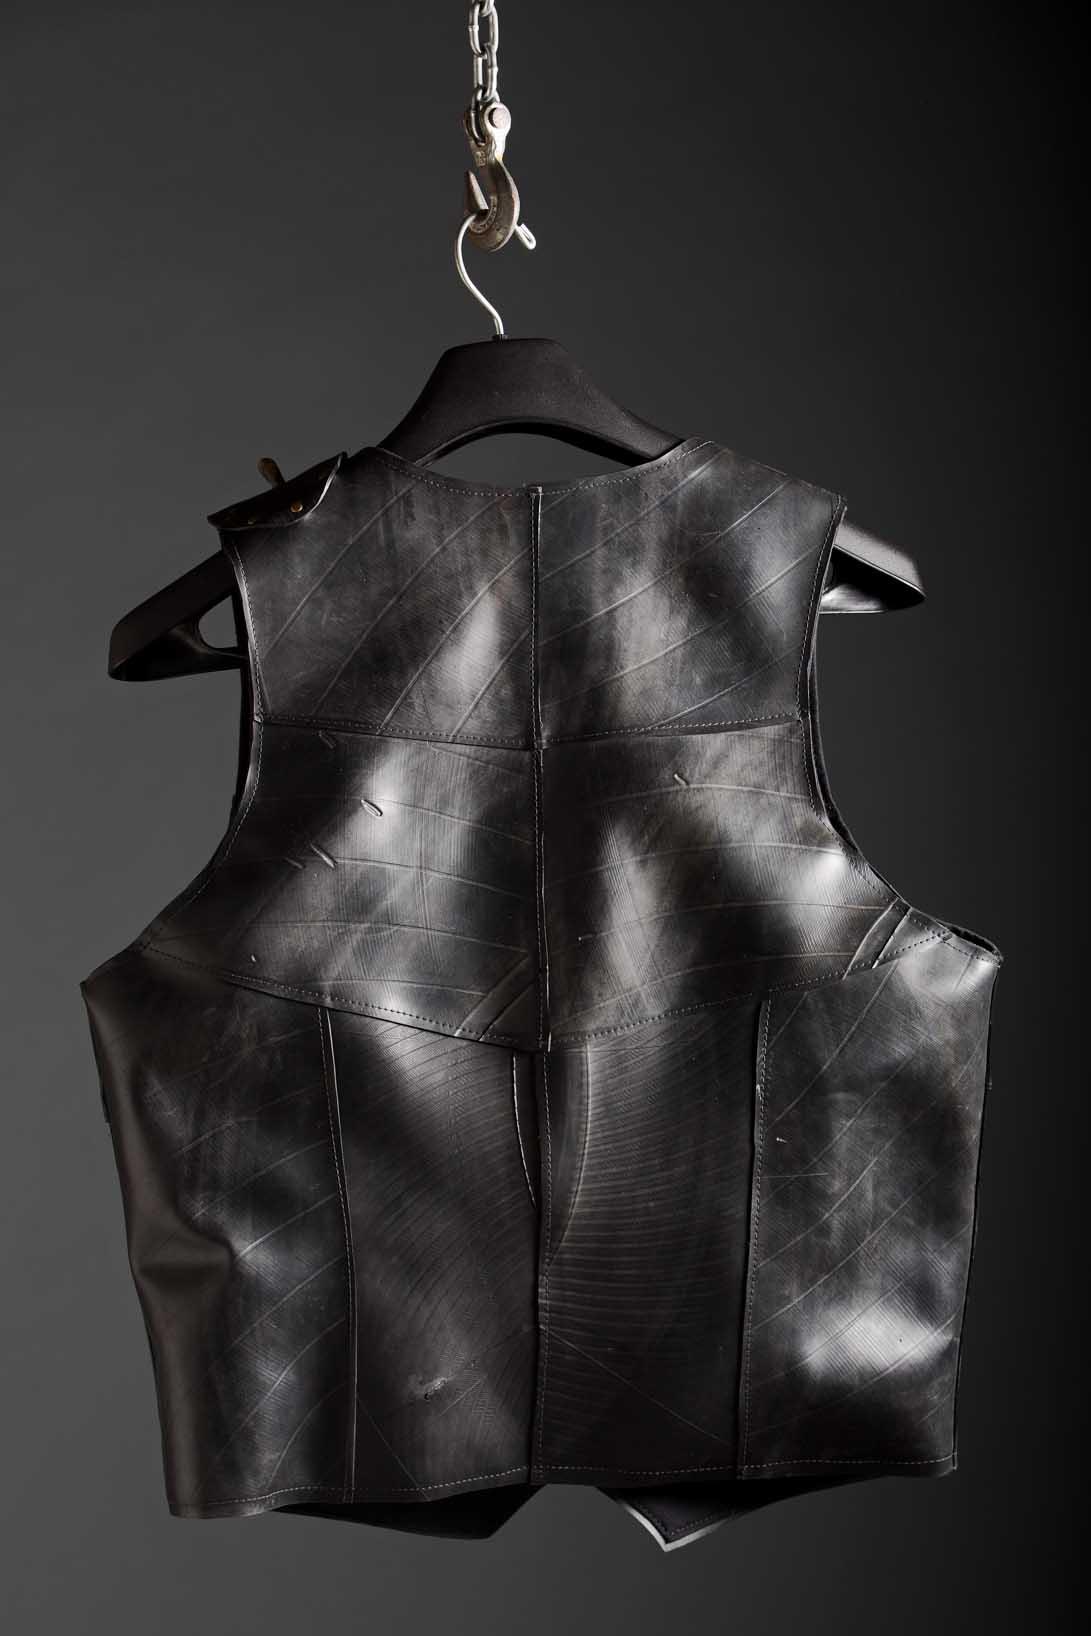 Life Vest 4